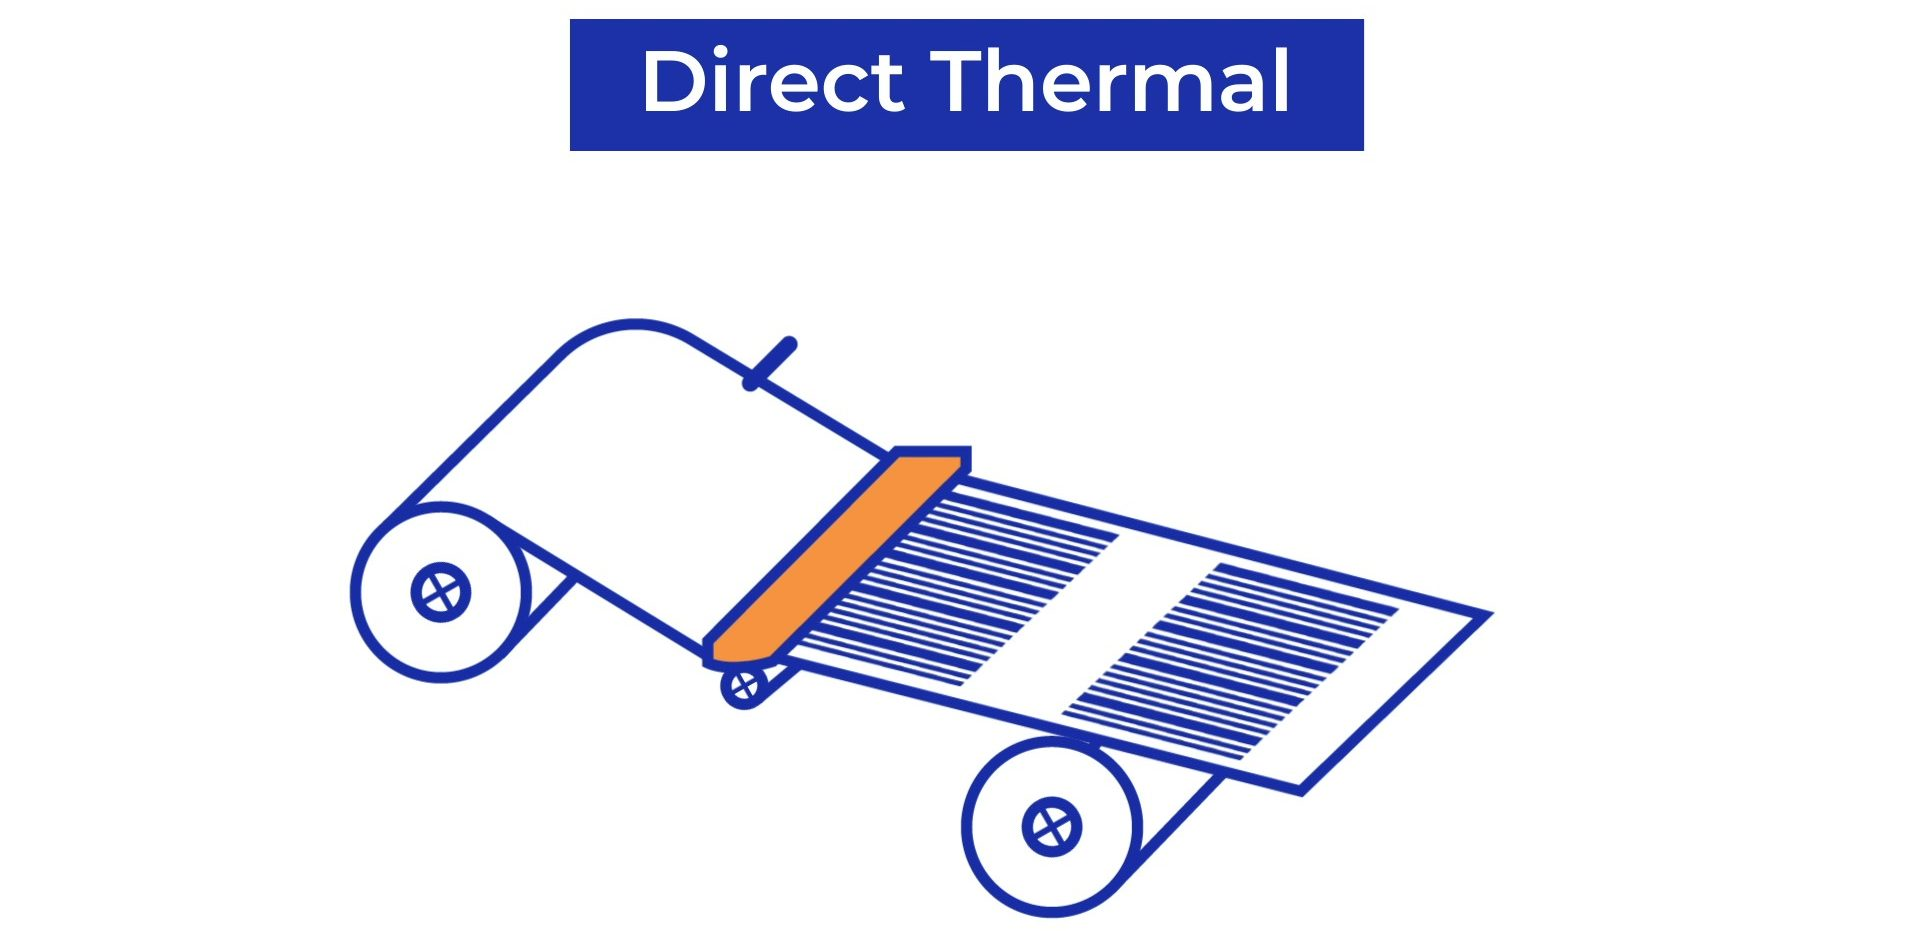 Direct Thermal Printing